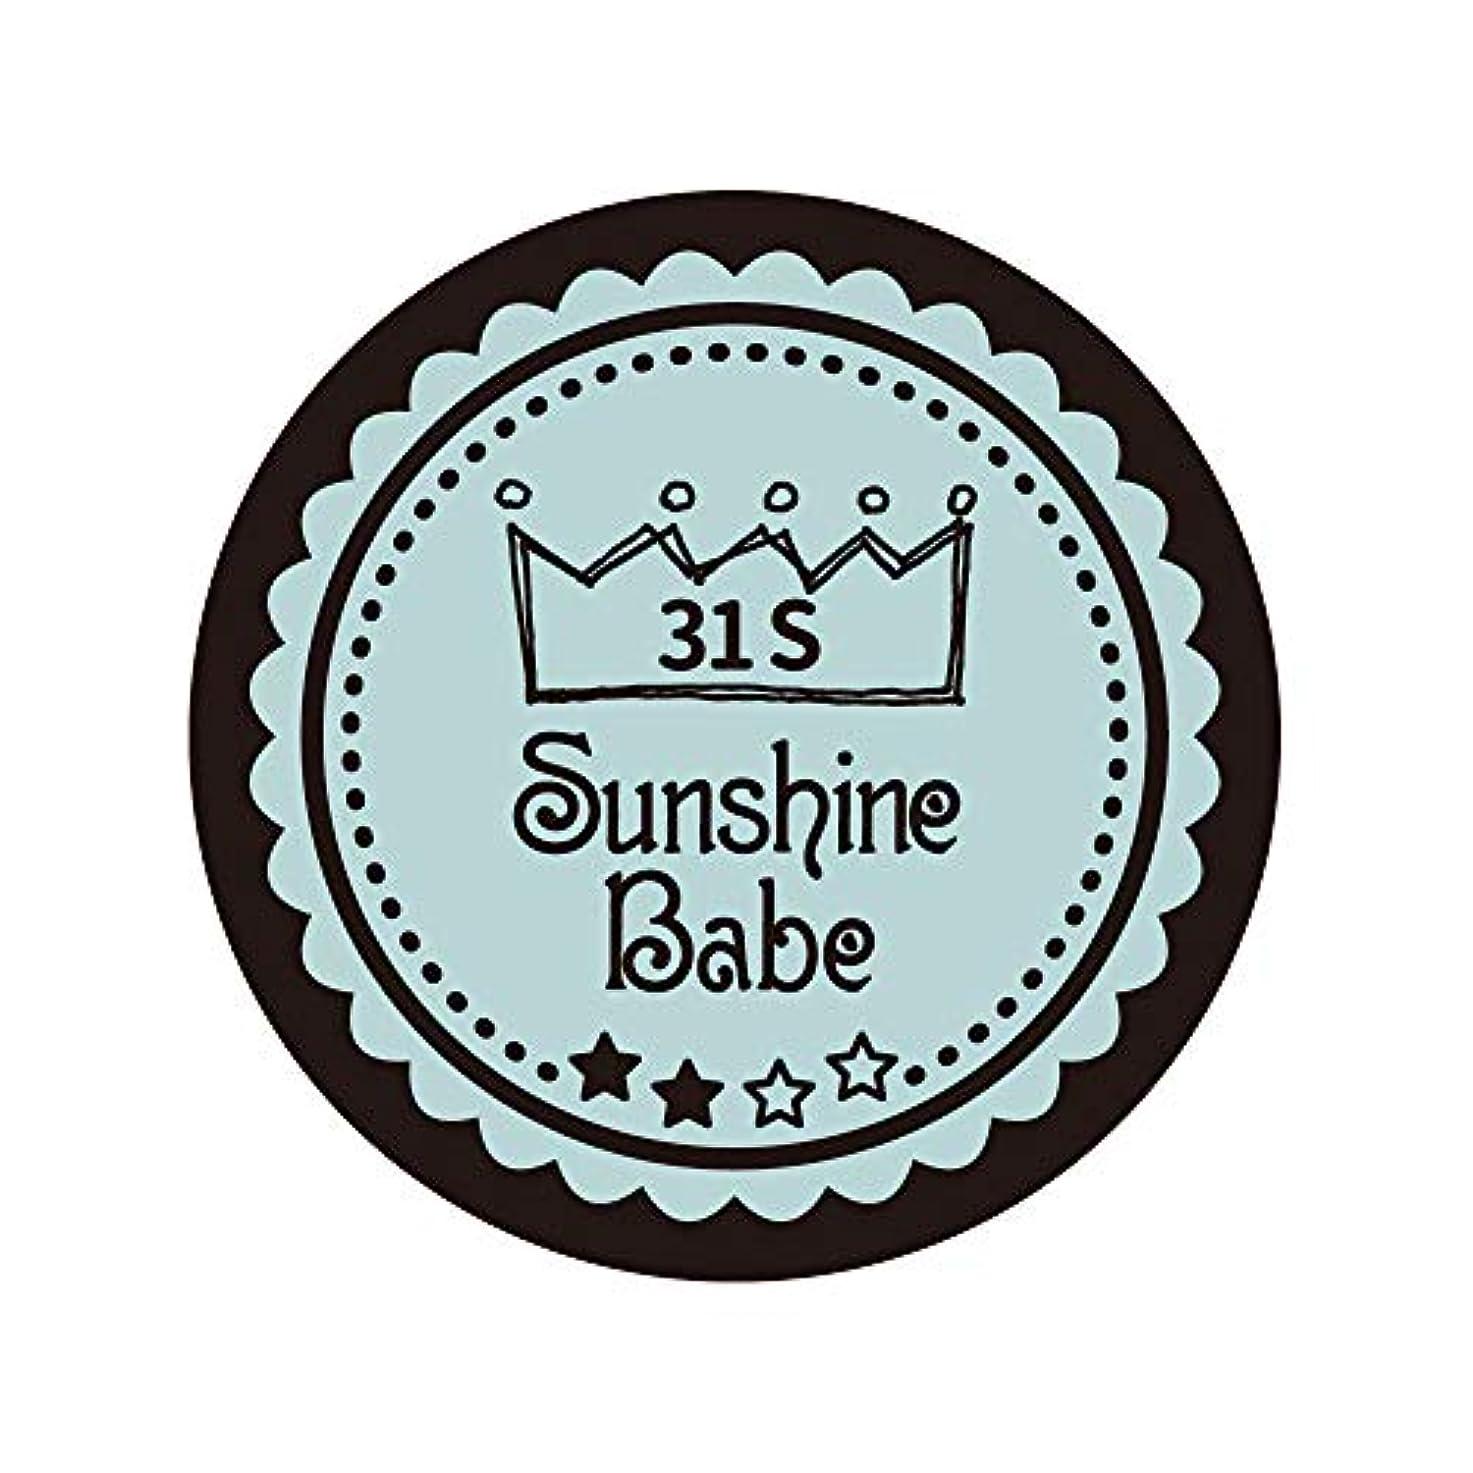 がっかりする型職人Sunshine Babe カラージェル 31S アイスブルー 2.7g UV/LED対応